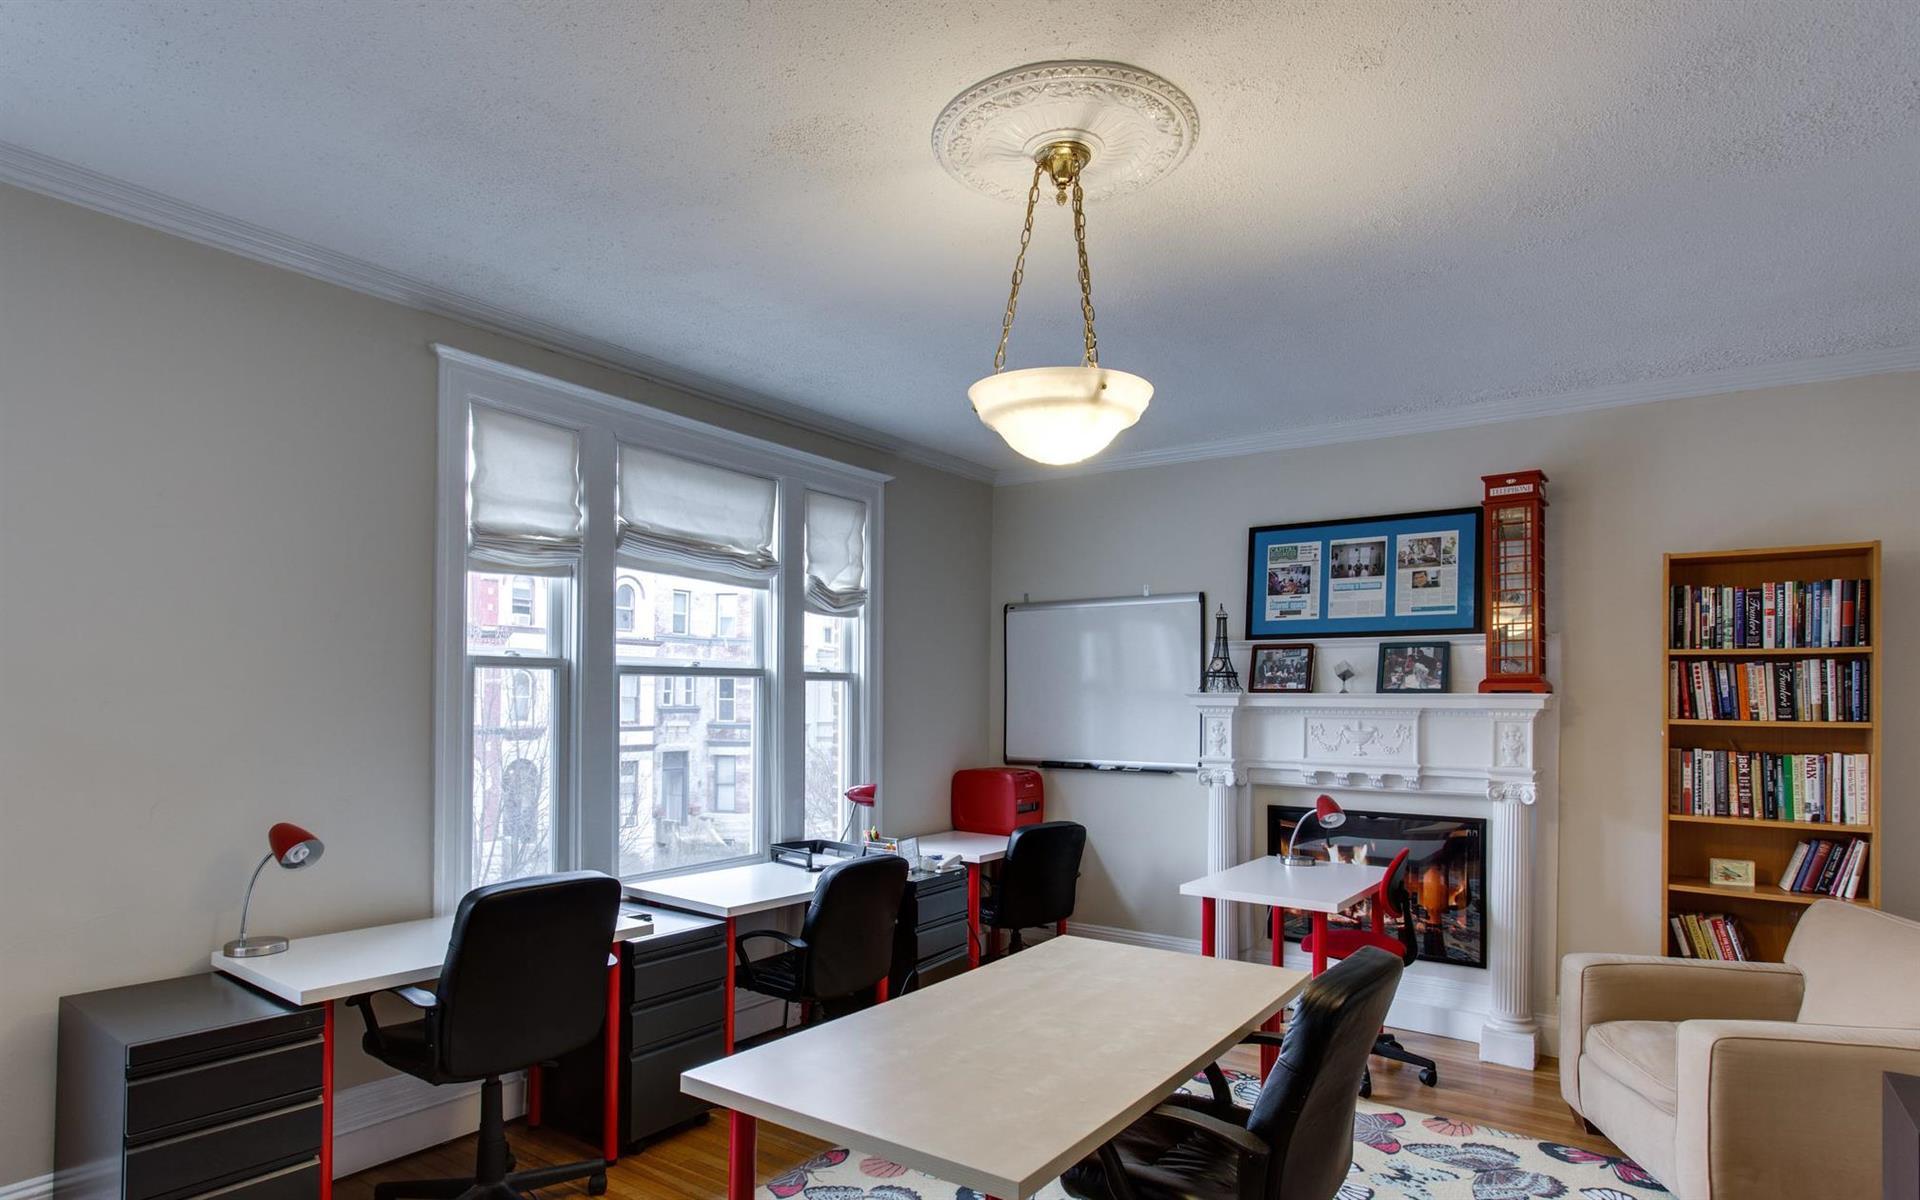 Dupont Circle Business Incubator (DCBI) - DCBI: Shared Office Space